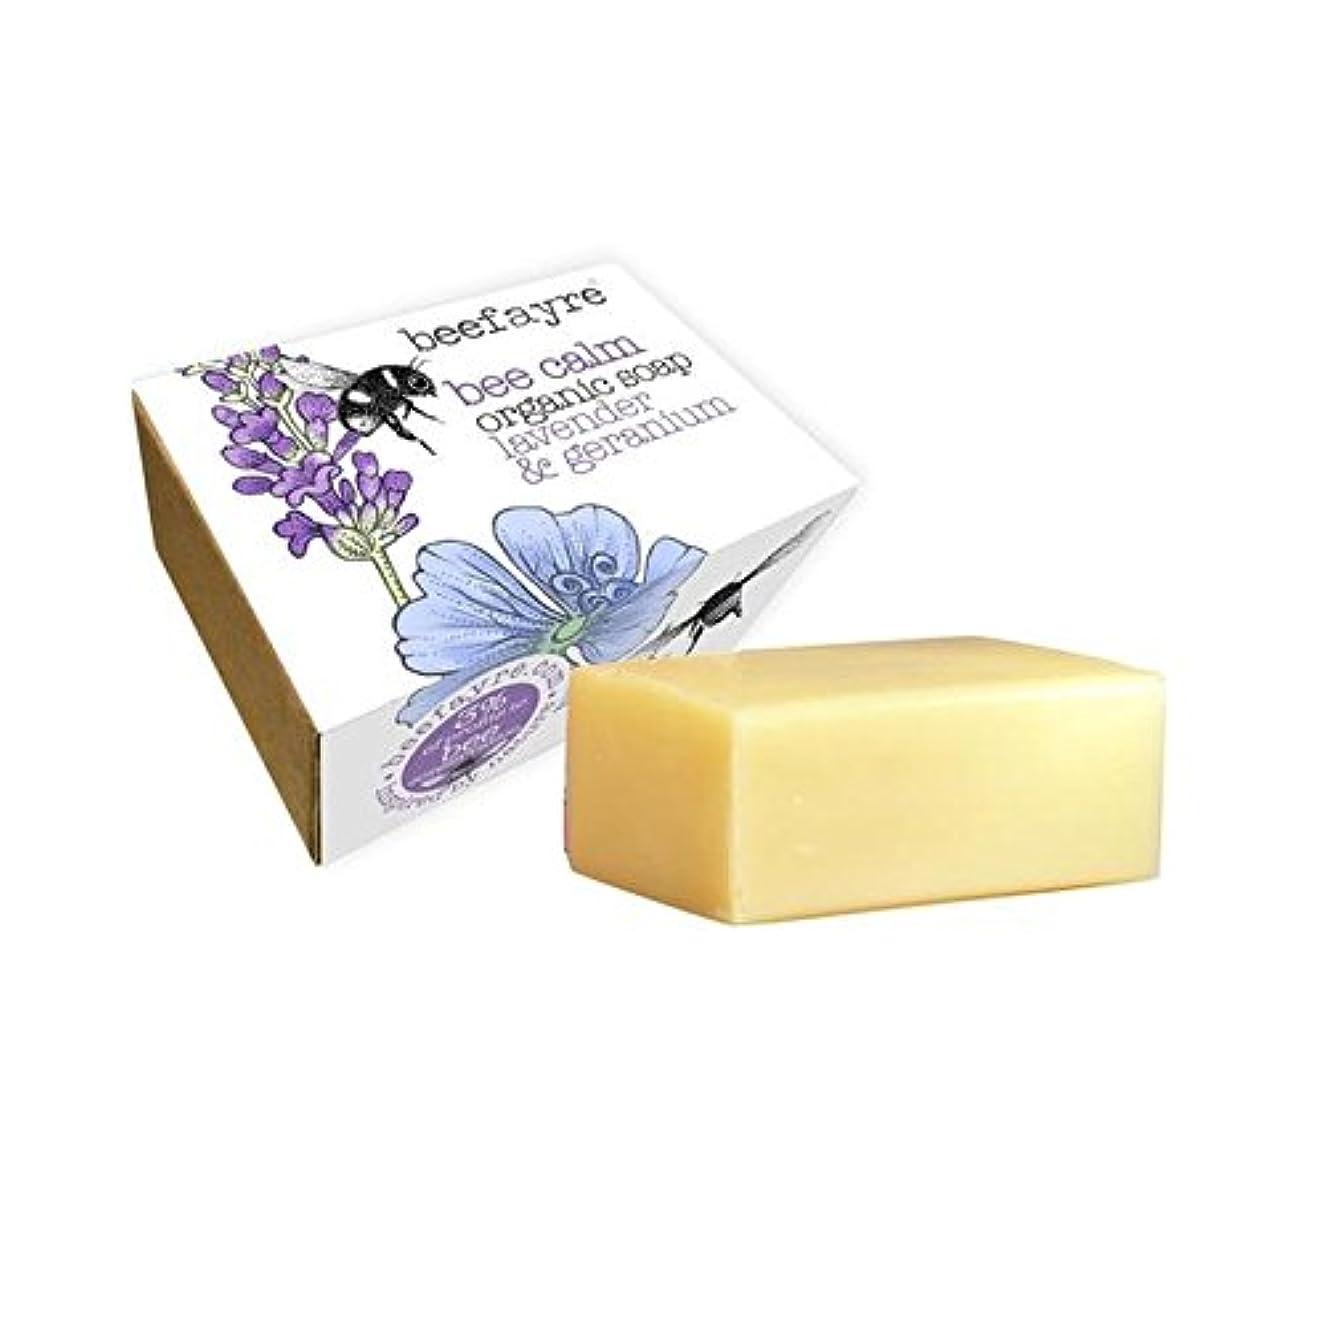 集団玉山岳Beefayre Organic Geranium & Lavender Soap - 有機ゼラニウム&ラベンダー石鹸 [並行輸入品]